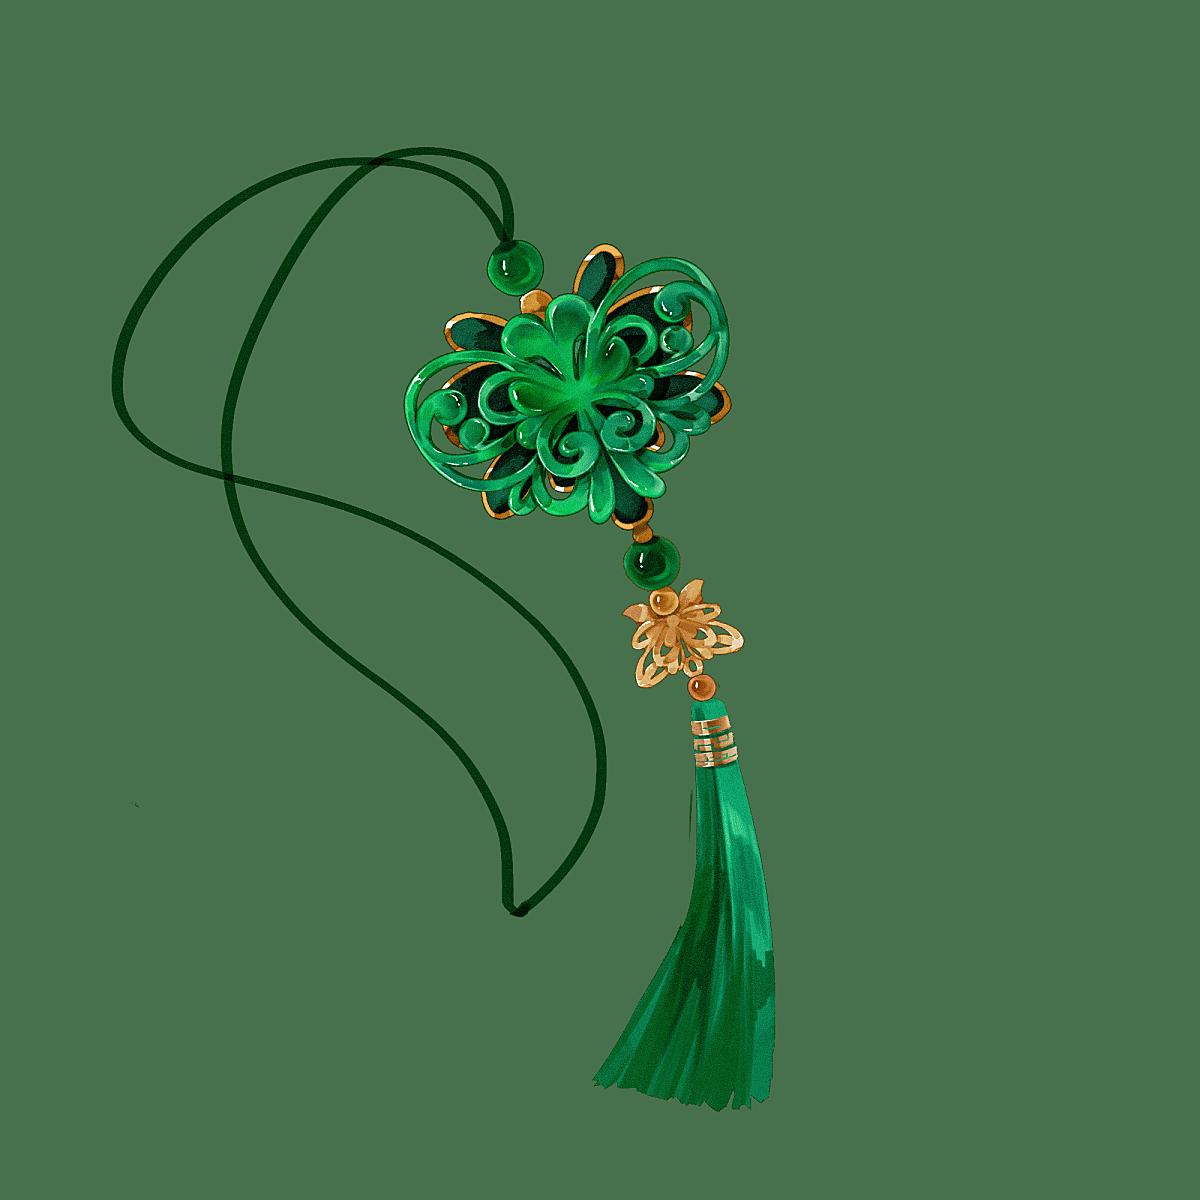 中国风-国潮配饰服饰单品贴纸-玉佩